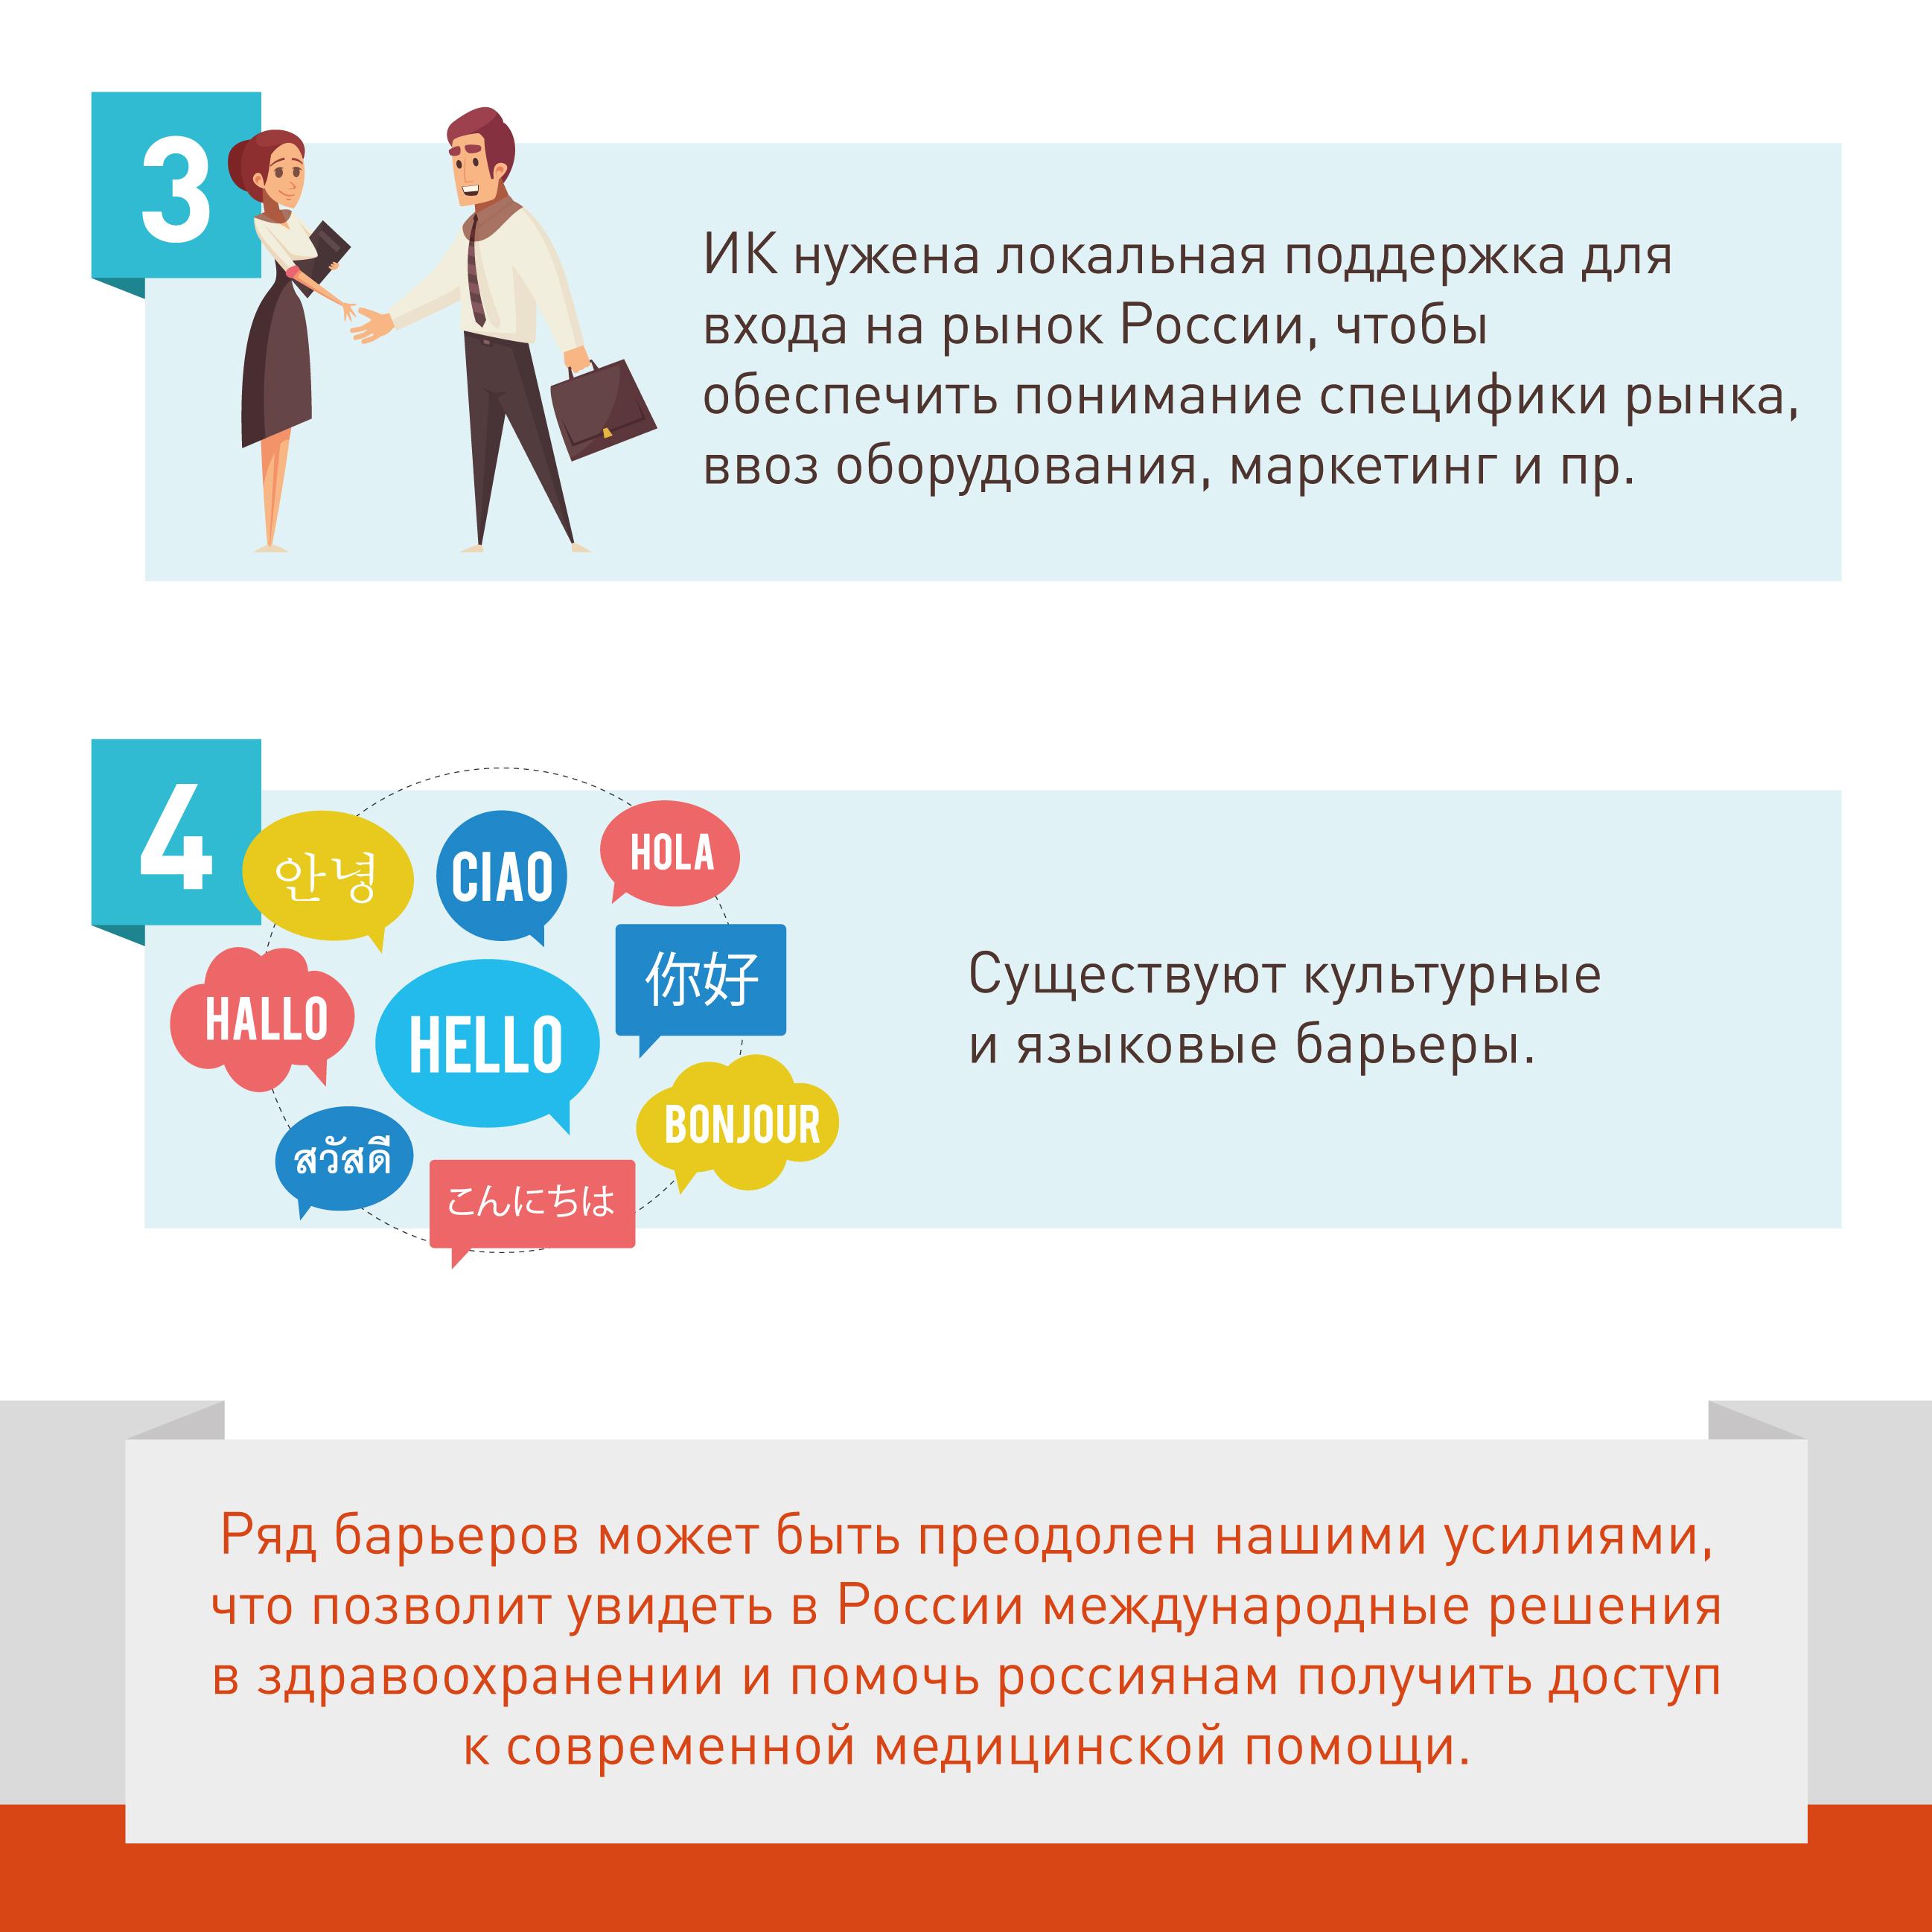 Почему иностранные компании не идут на российский рынок цифровой медицины